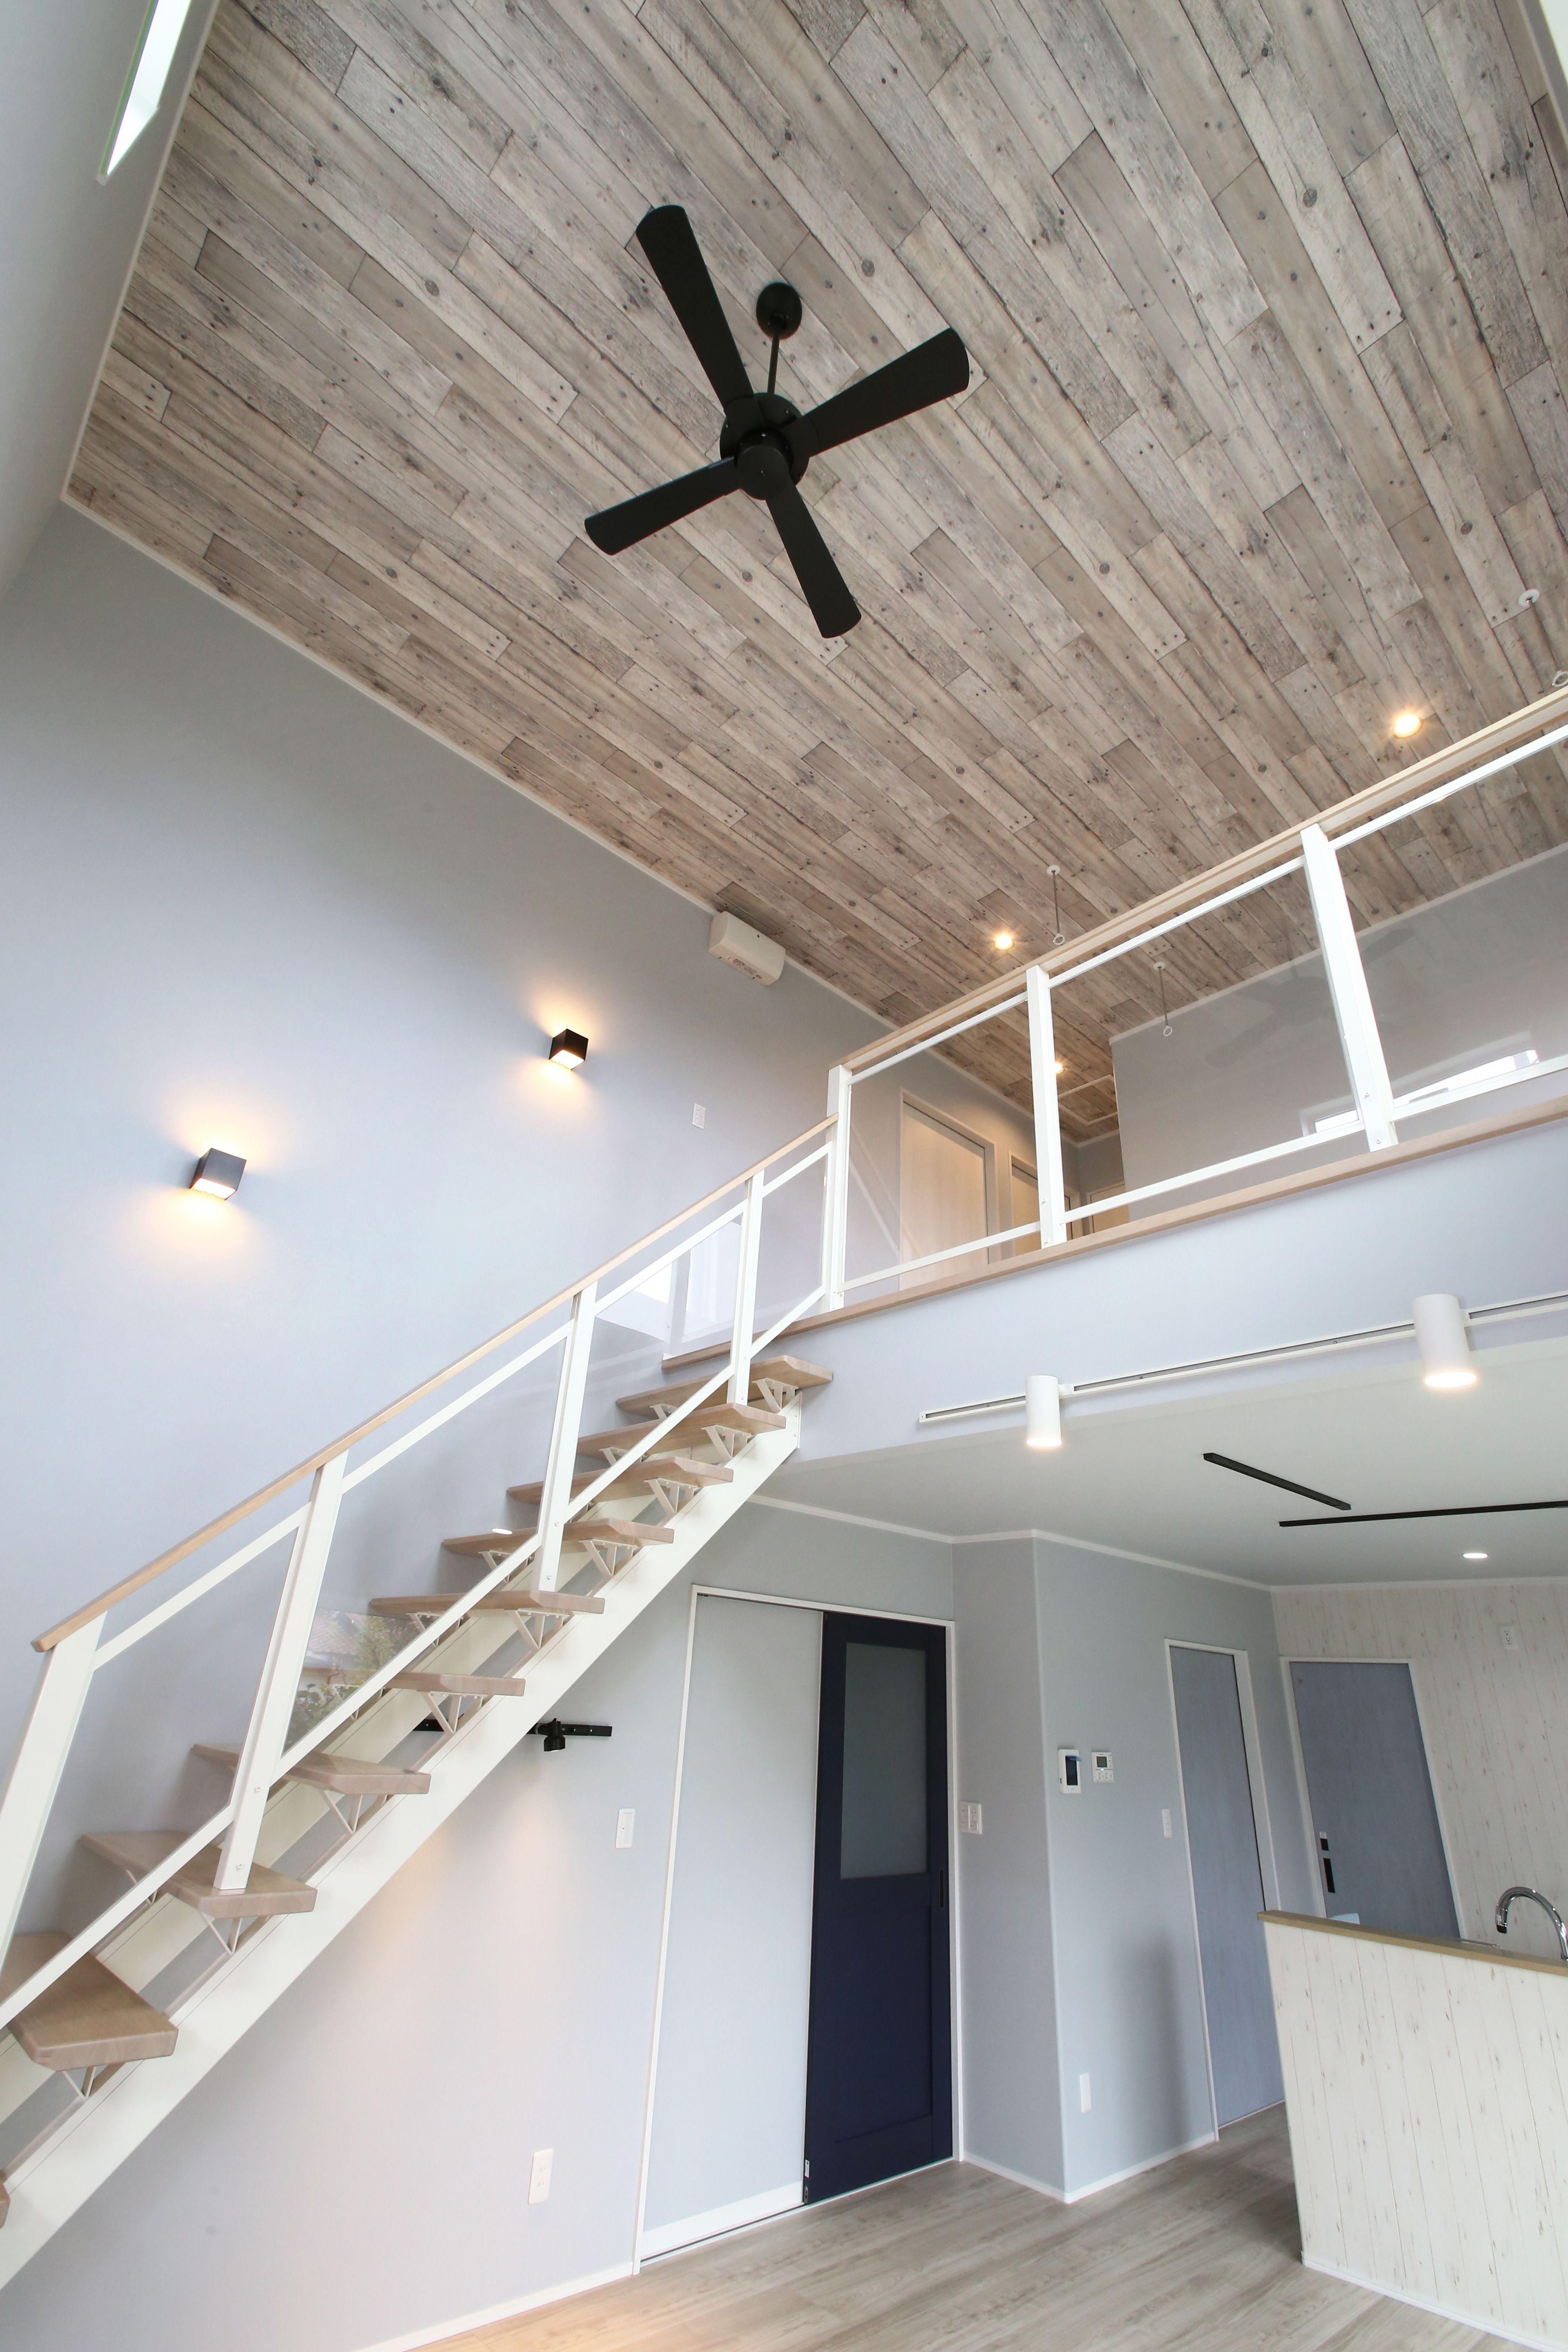 オープン階段がある開放的な吹抜け 木目調の天井クロスがおしゃれです